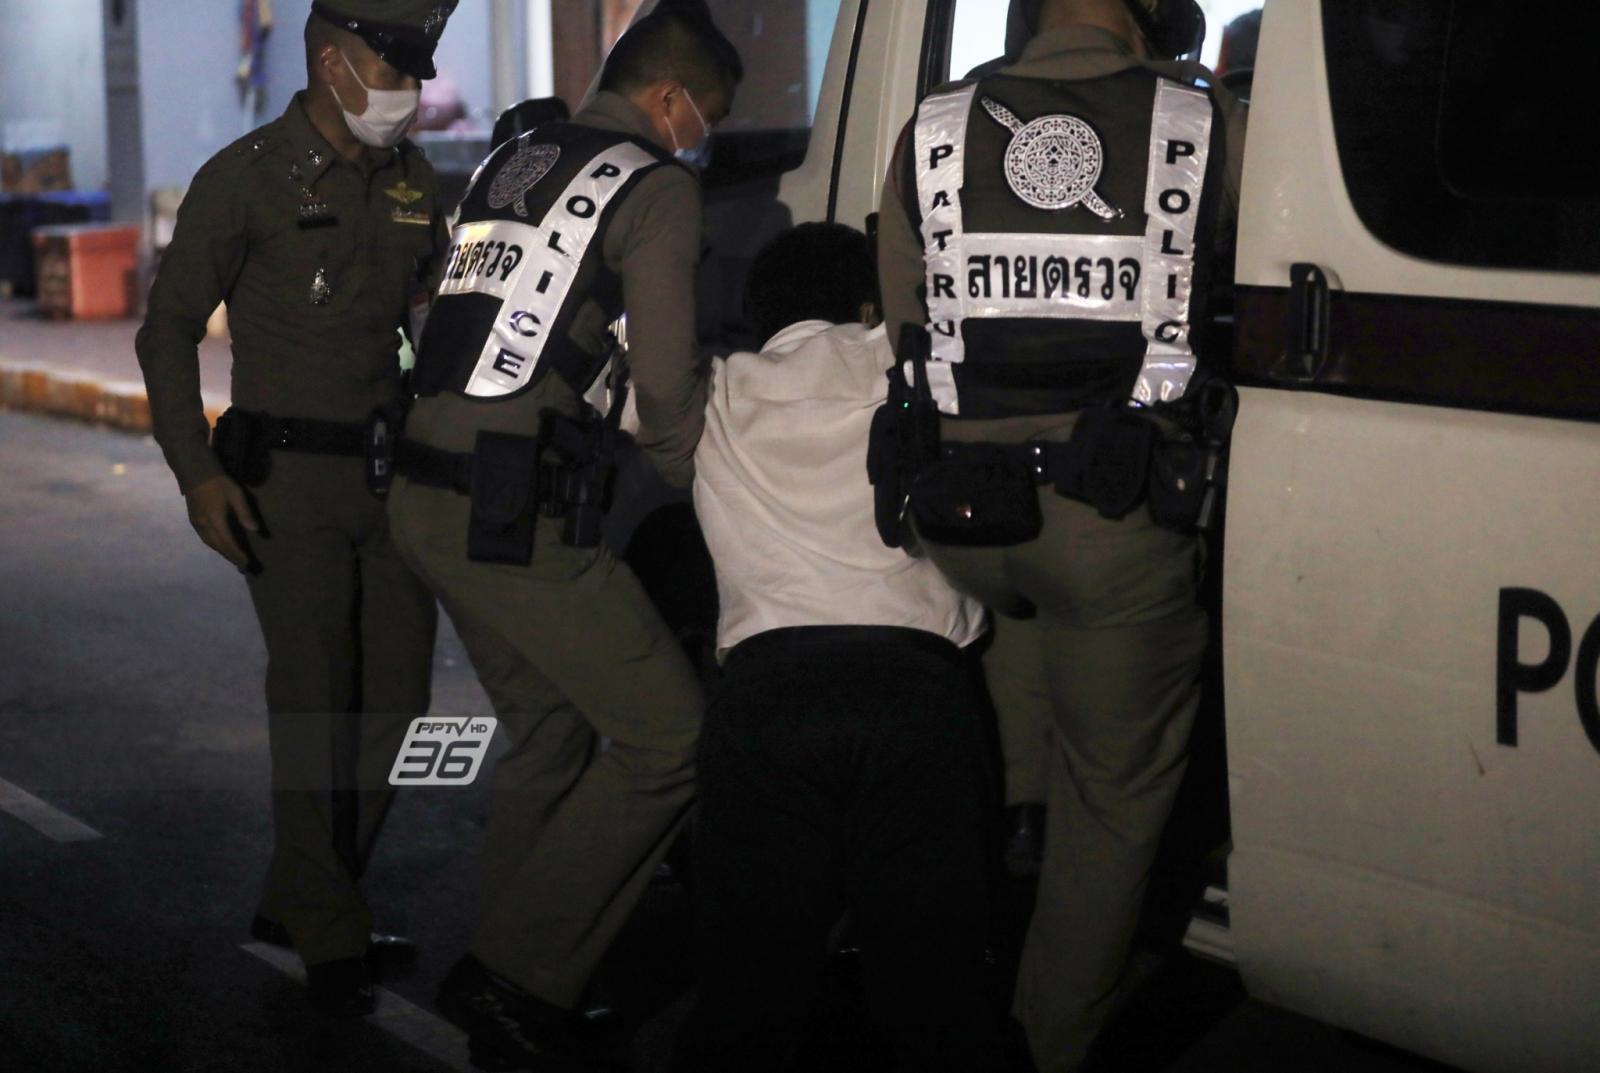 ปฏิบัติการจับผู้ชุมนุม 'ชัชชาติ' โพสต์สุดเจ็บ ตร.หิ้ว 'อานนท์-ไมค์' ขังคุก